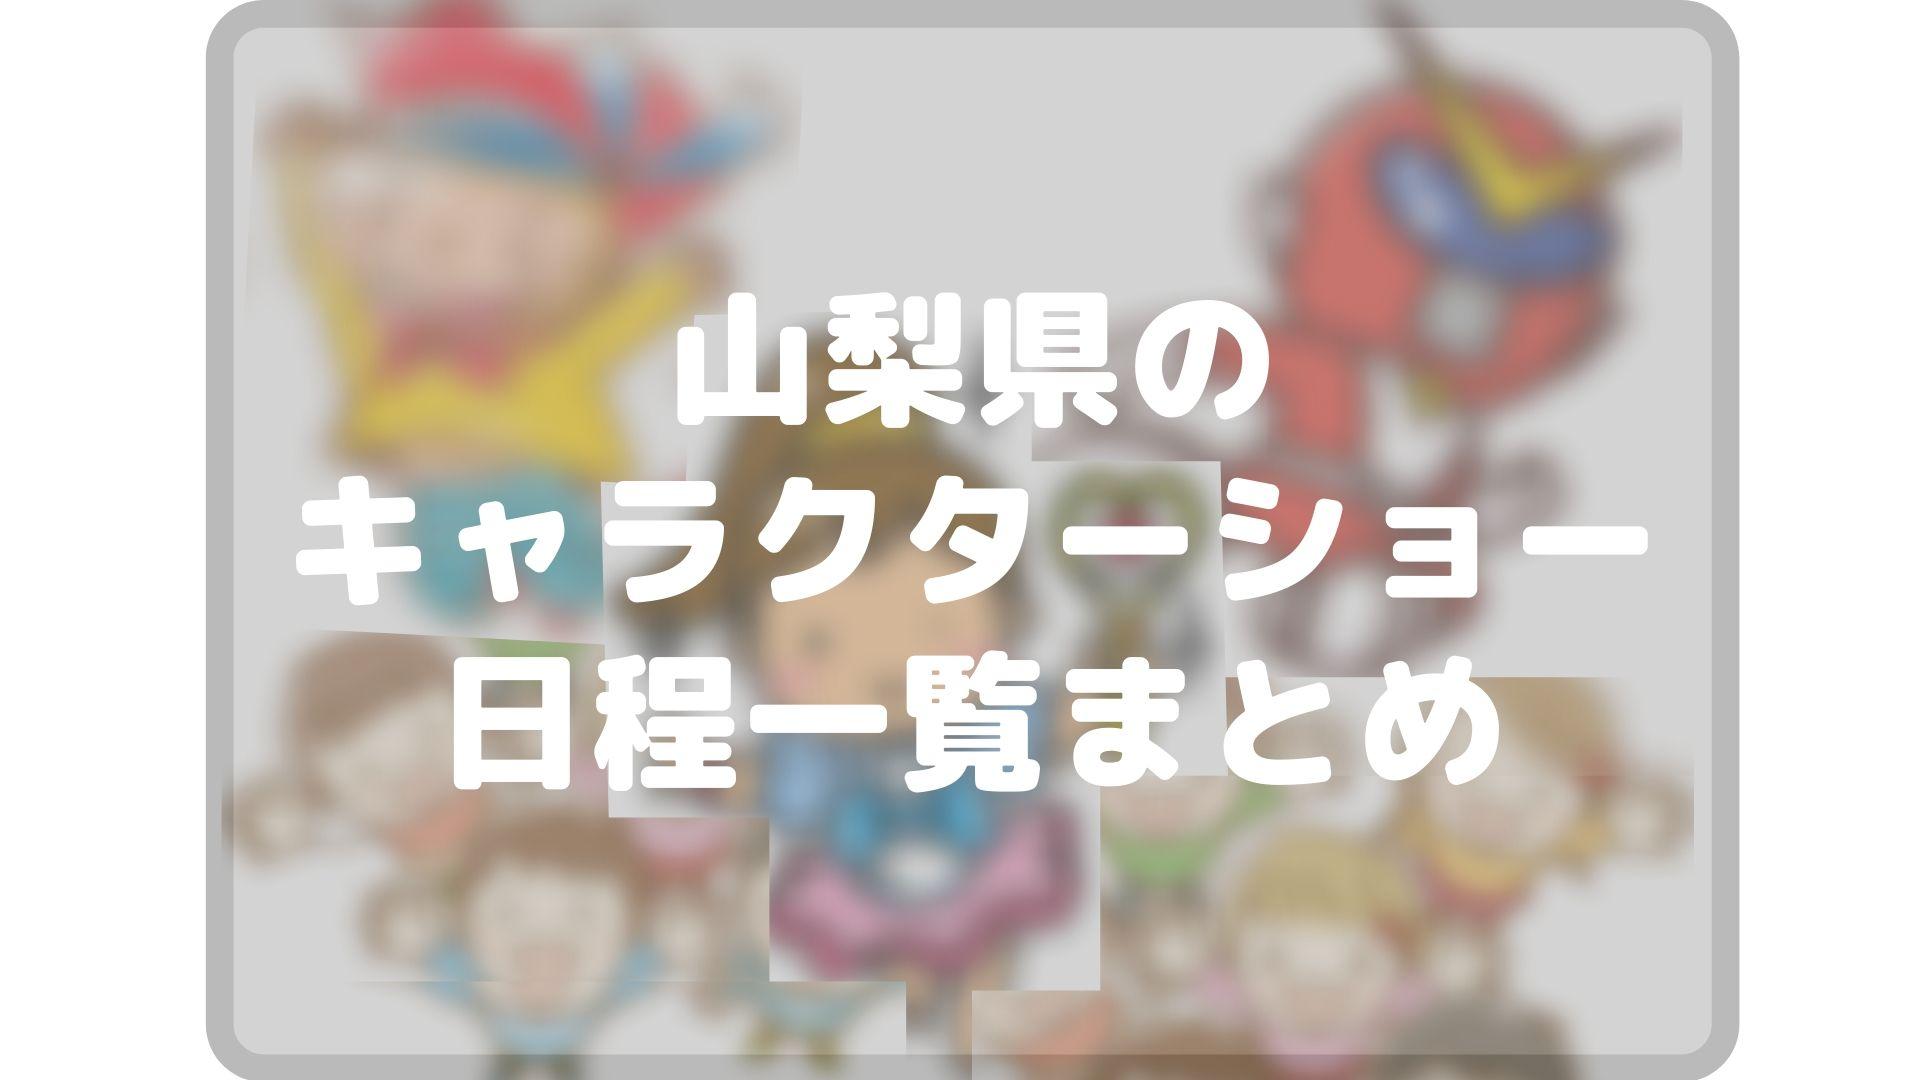 山梨県のキャラクターショーまとめタイトル画像